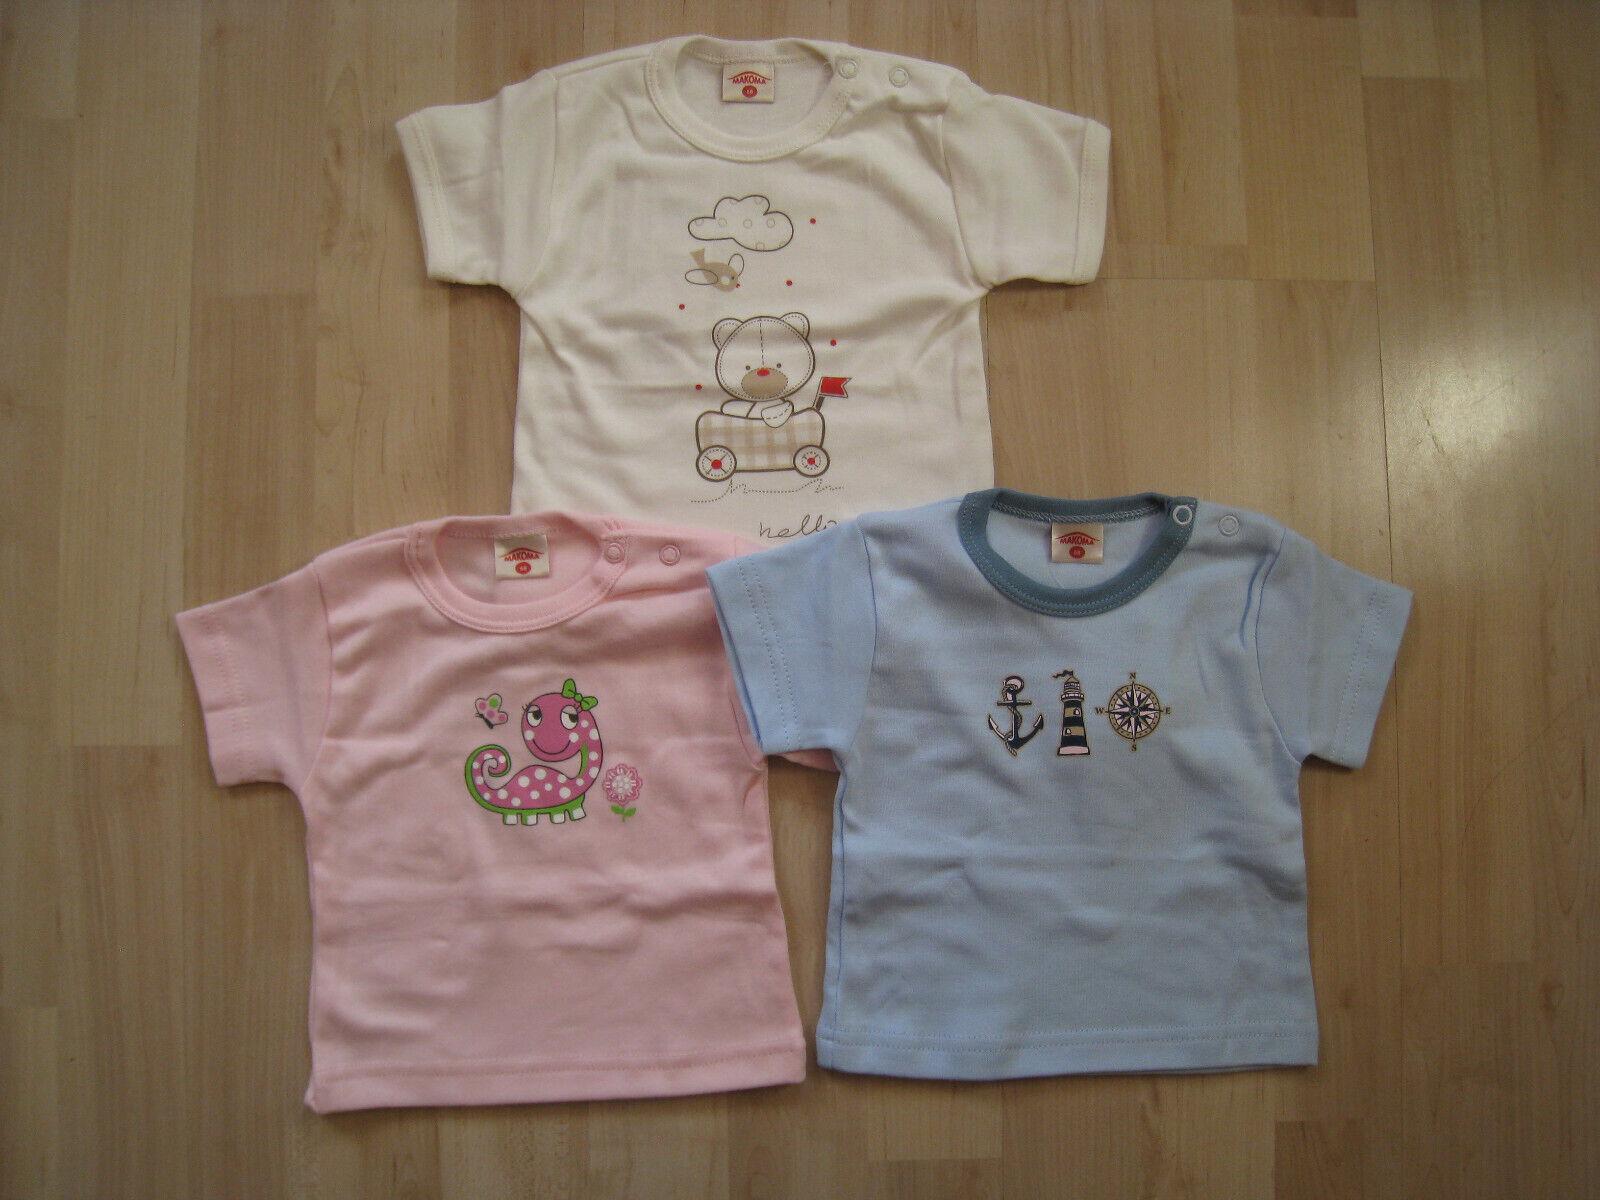 Strampler Gr Kleidung, Schuhe & Accessoires 56 Baby Club Gestreift Hunde Erstausstattung Junge Strampler